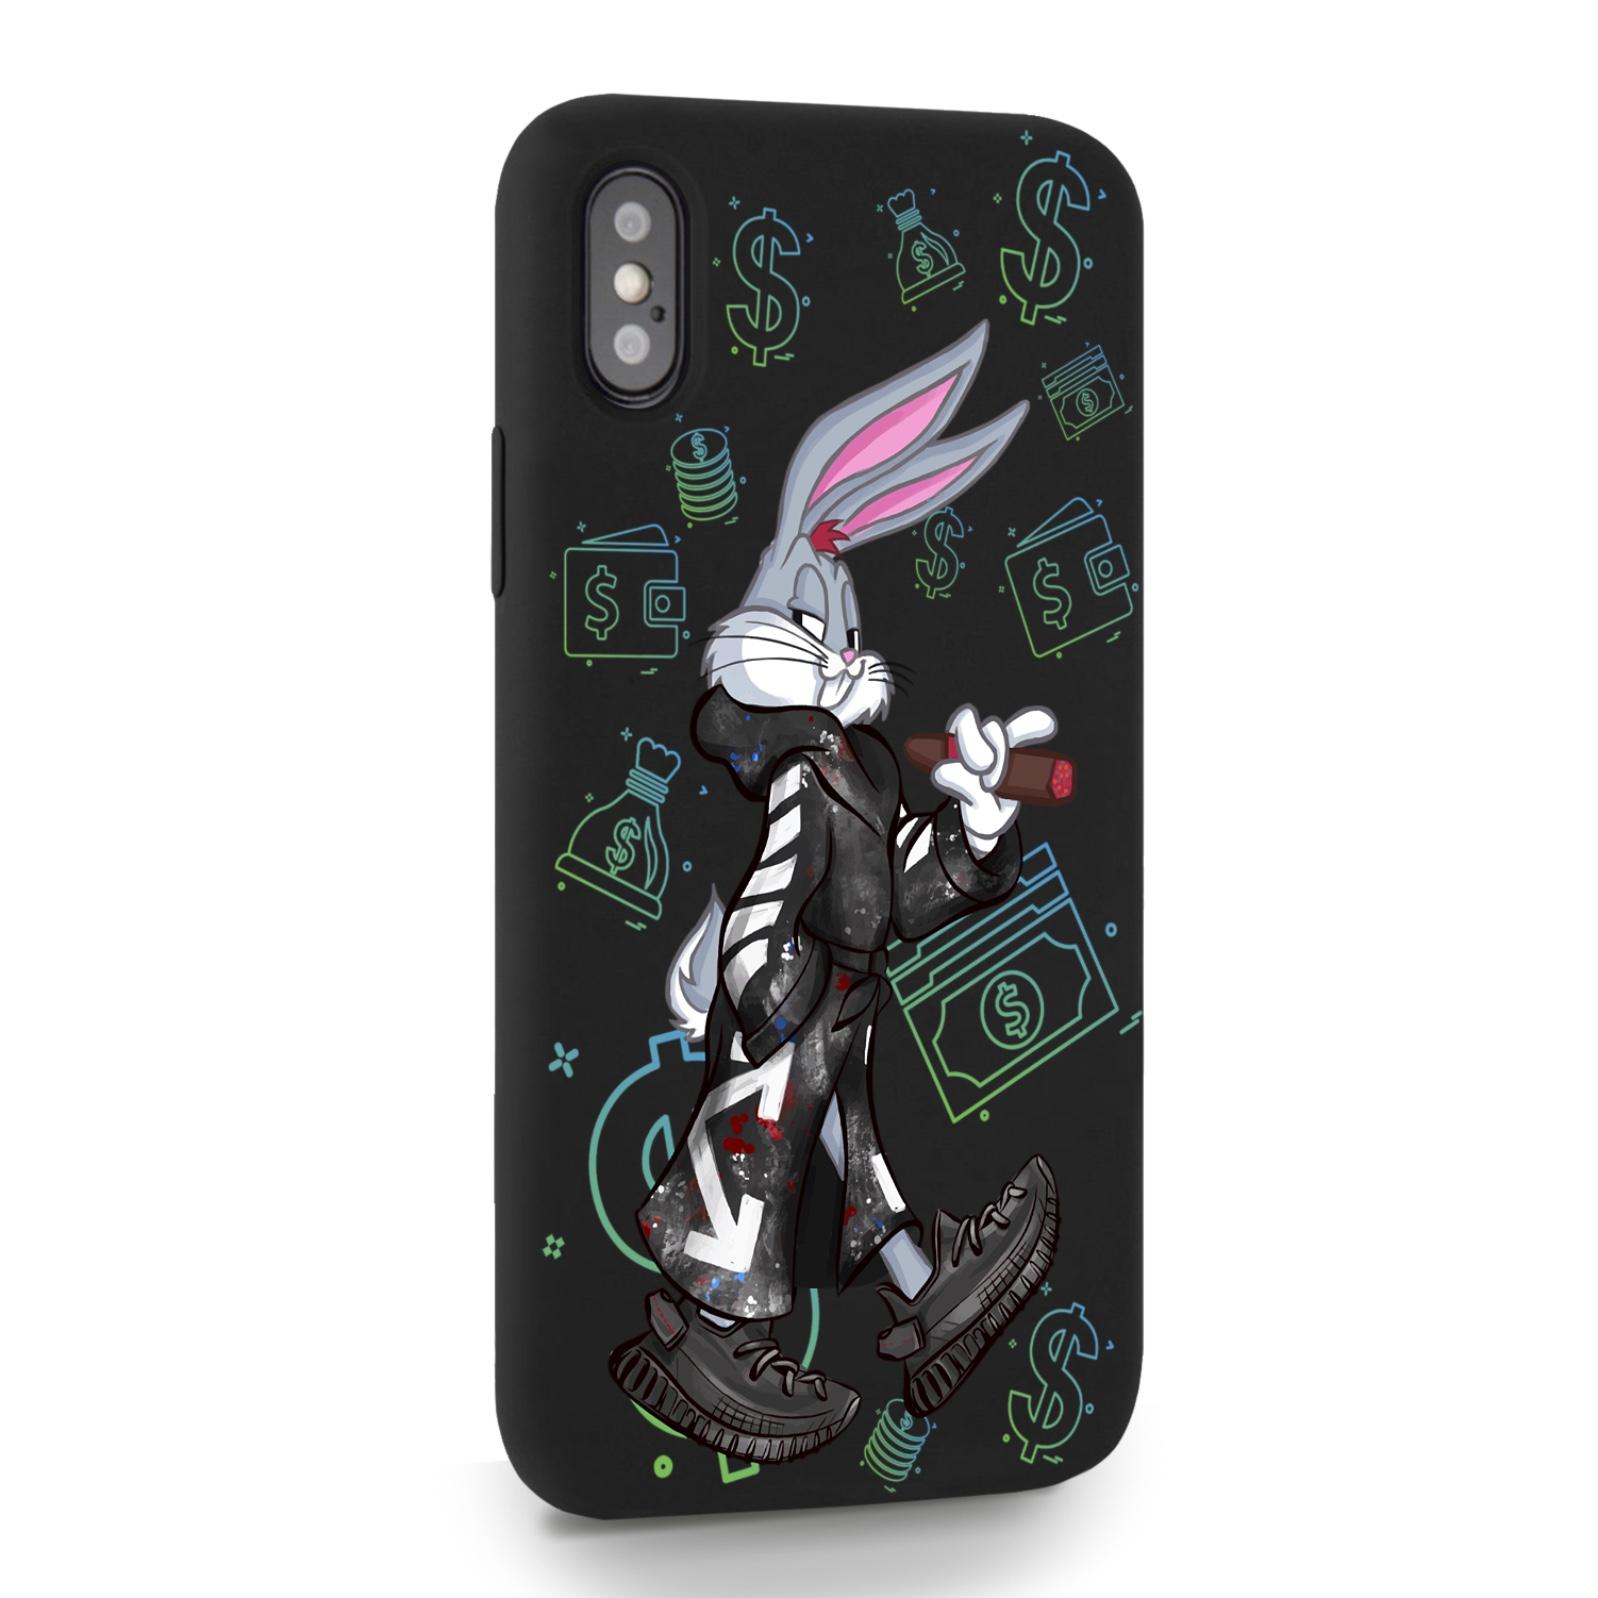 Черный силиконовый чехол для iPhone X/XS Mr. Rich Bunny Neon/ Мистер Богатый Заяц Неон для Айфон 10/10с